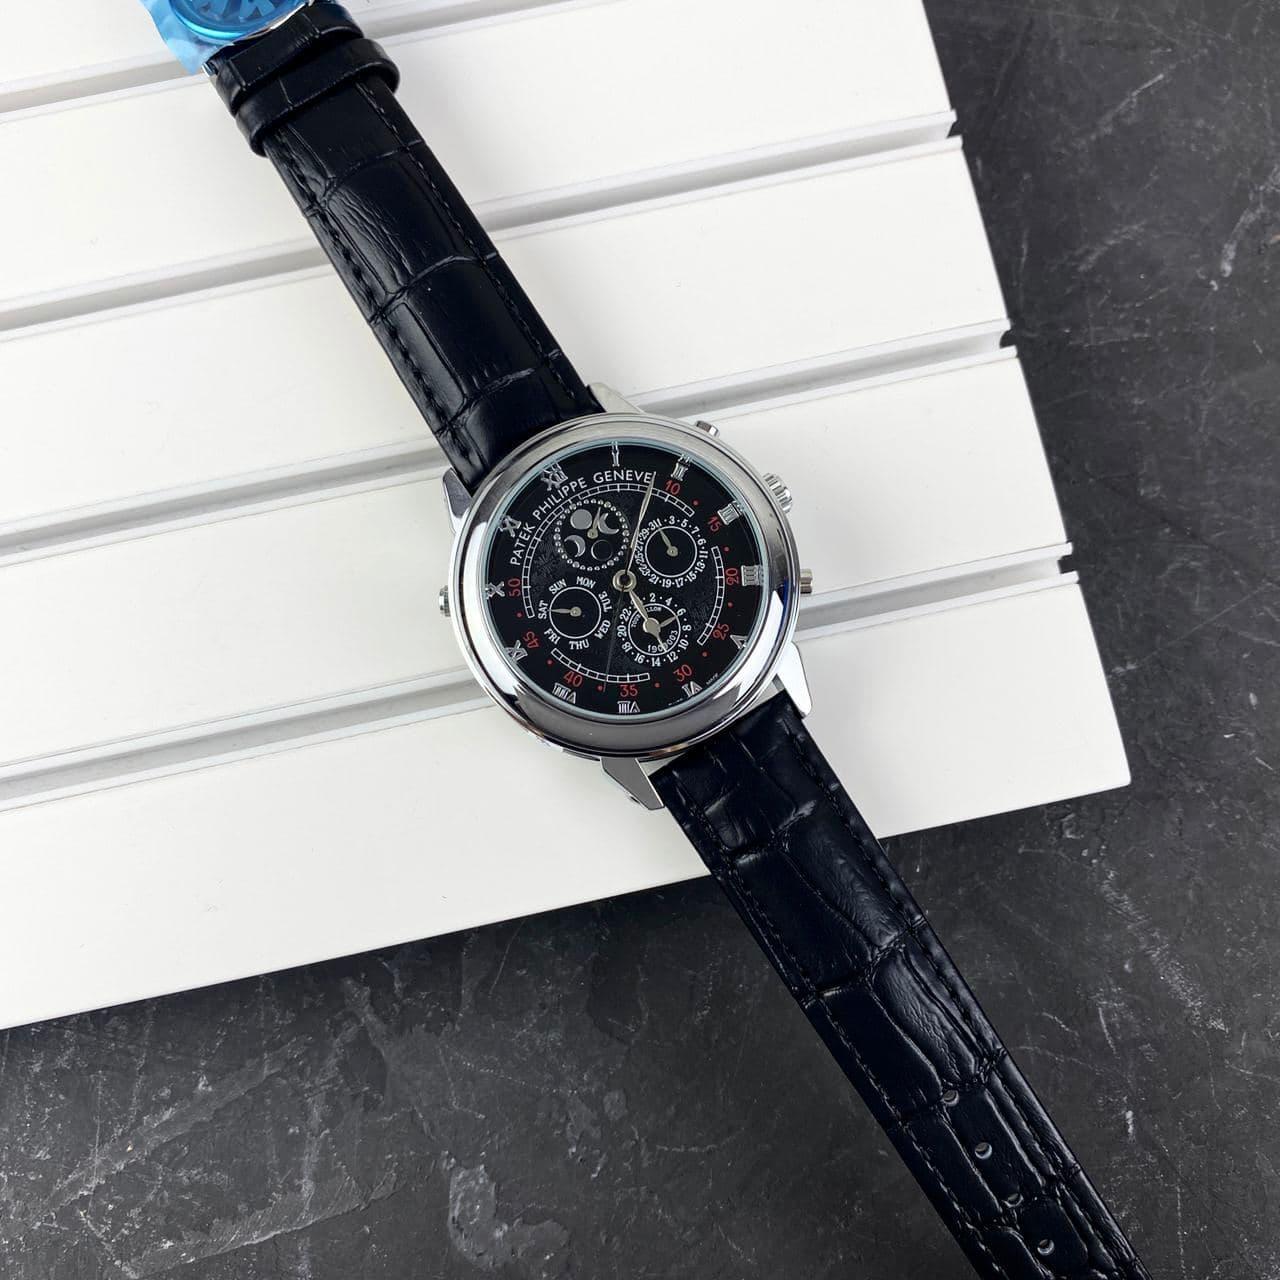 Мужские наручные часы Patek Philippe Grand Complications 5002 Sky Moon Black-Silver-Black New